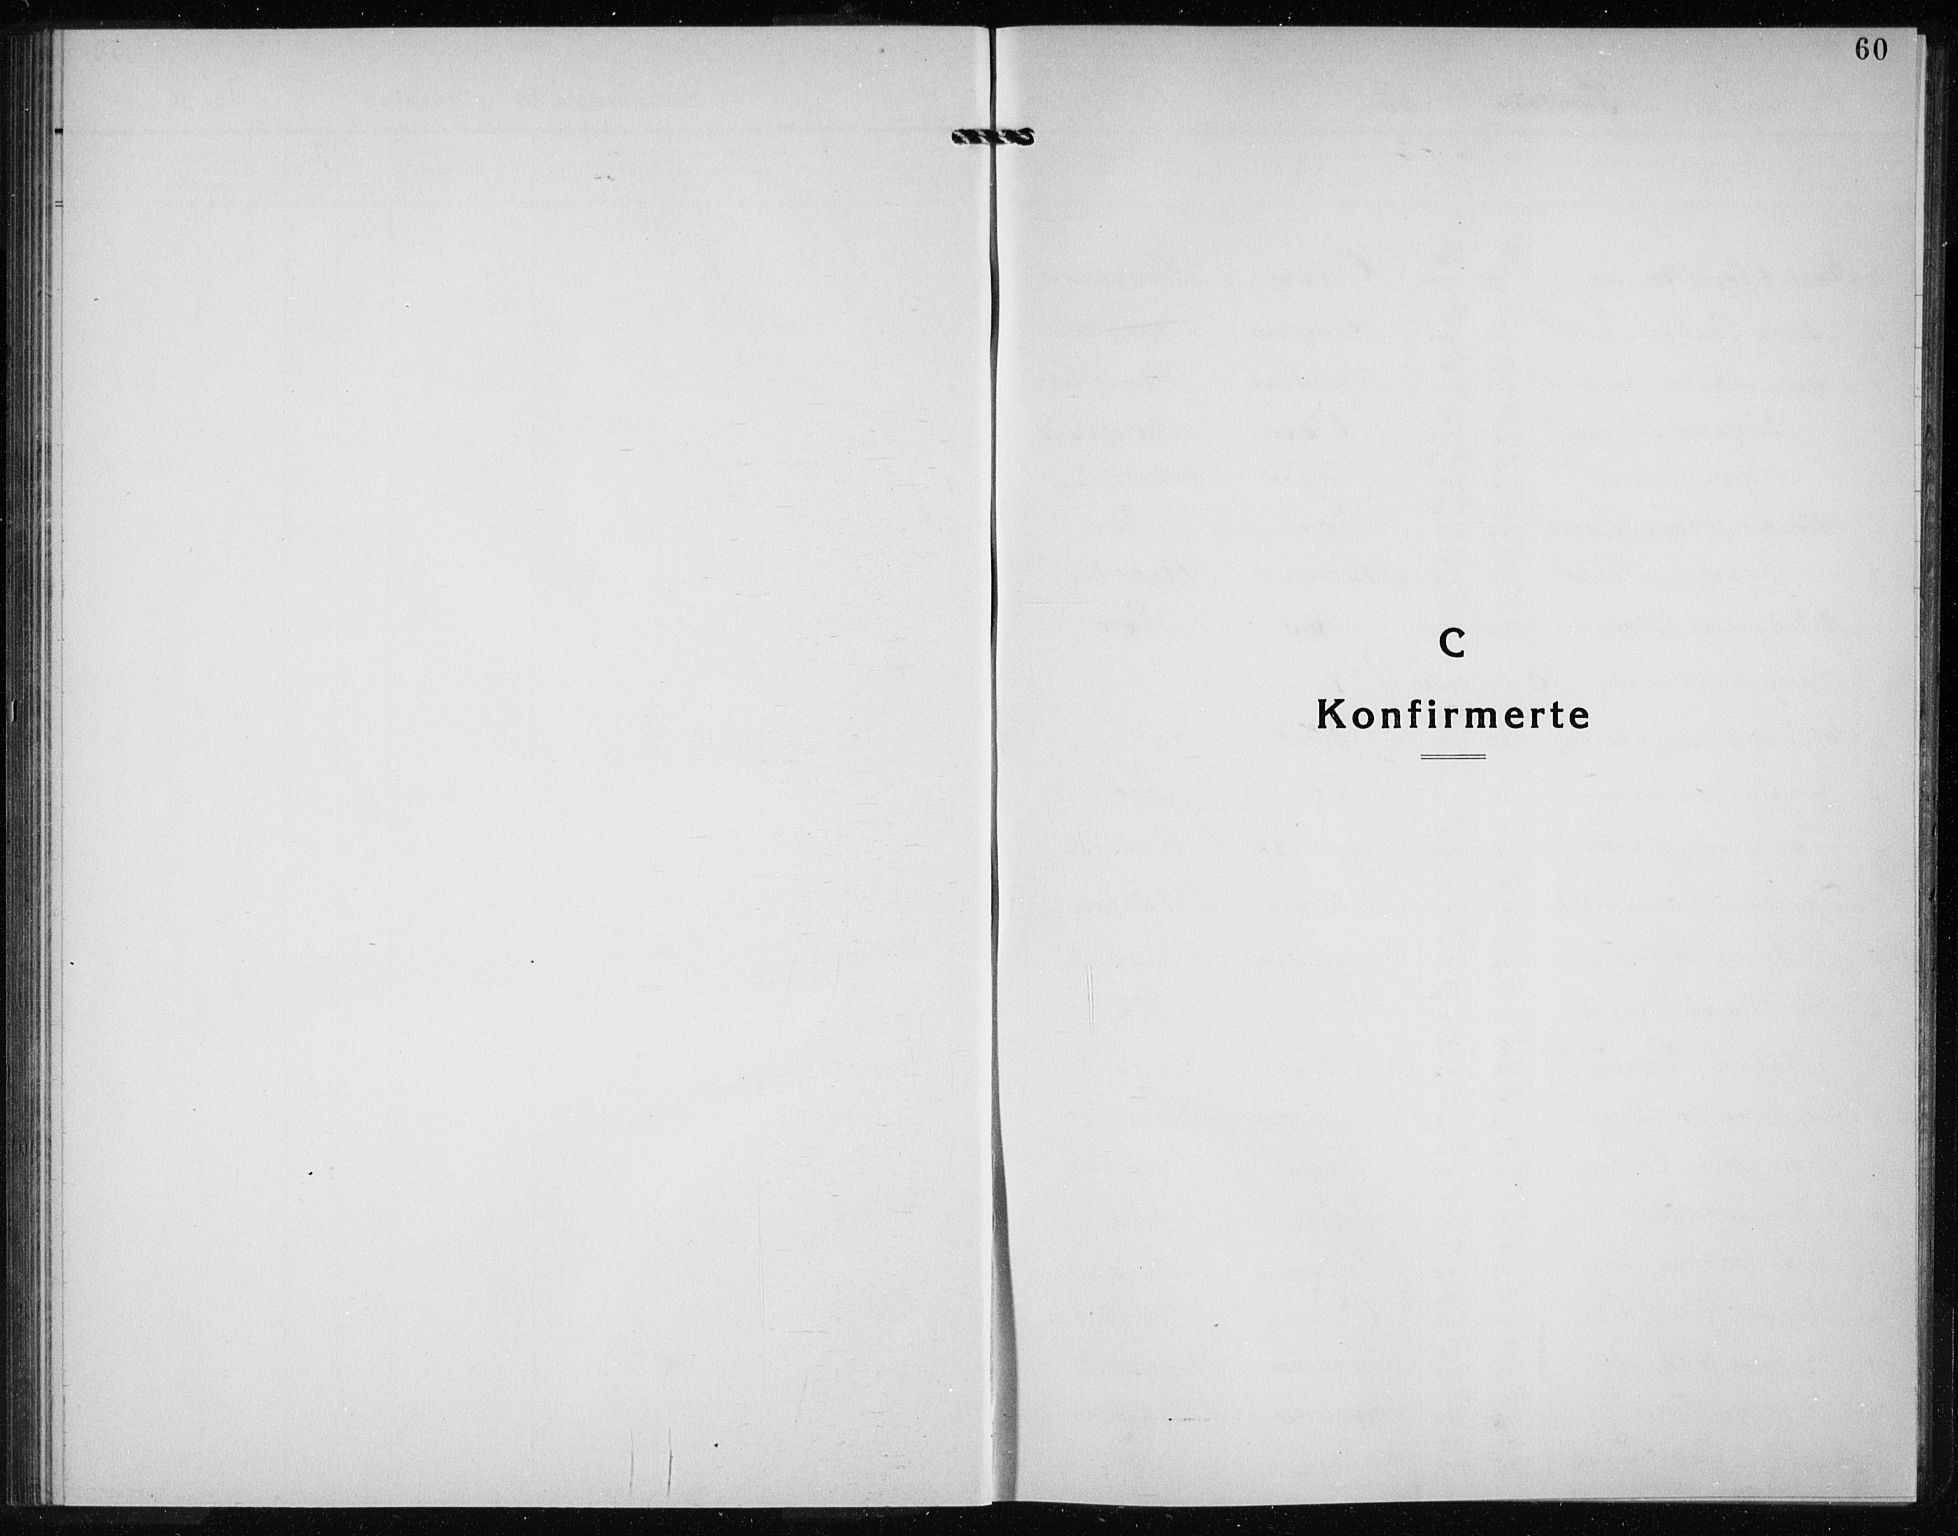 SAB, Kvinnherad Sokneprestembete, H/Haa: Parish register (official) no. G  1, 1920-1927, p. 60